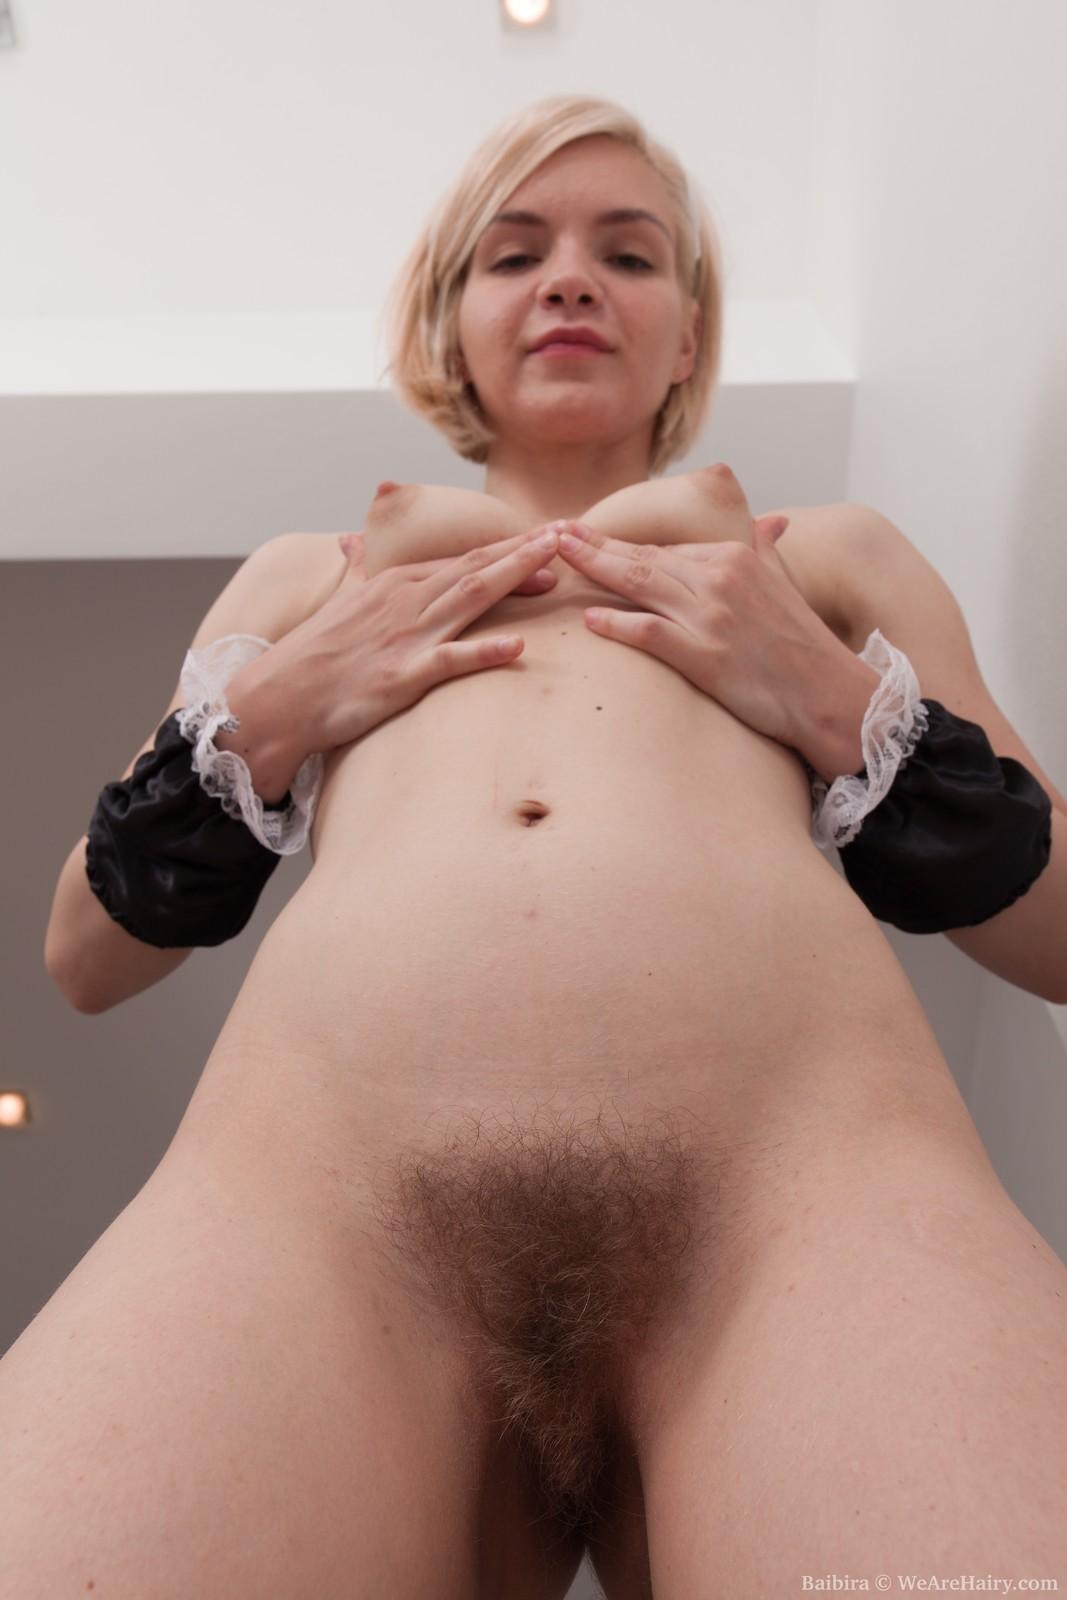 wpid-baibira-is-the-sexiest-blonde-housekeeper7.jpg